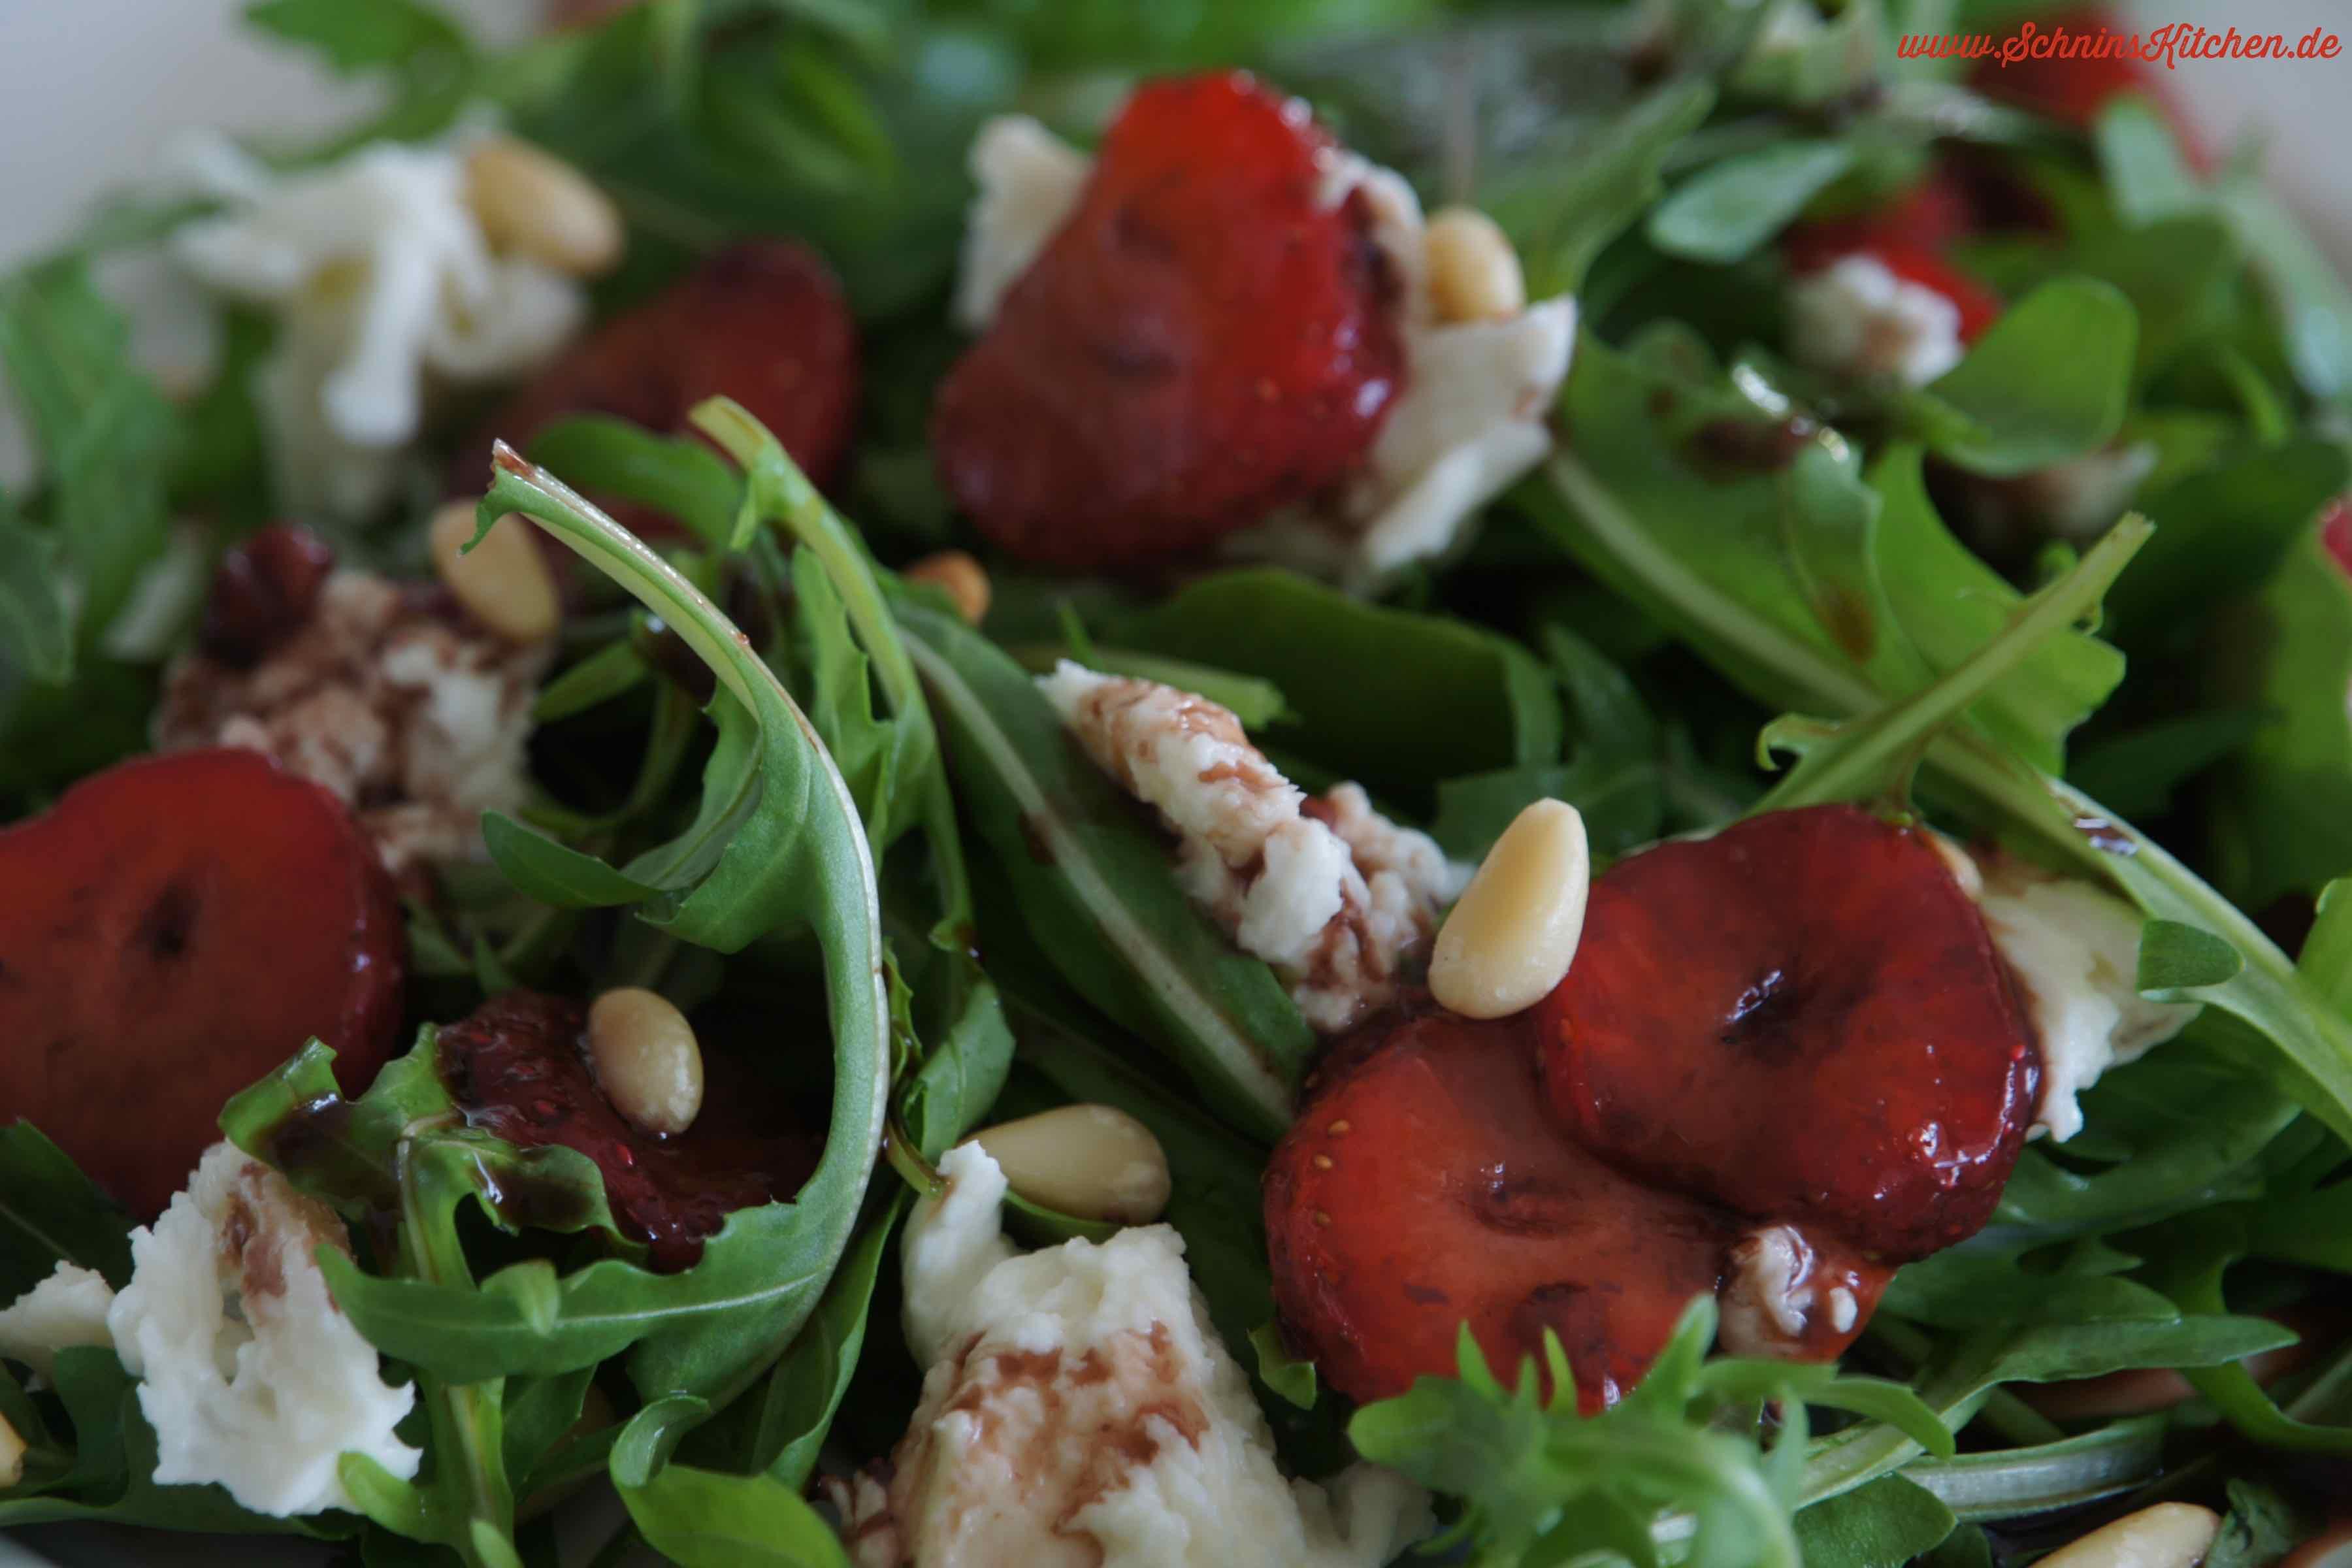 rucola salat mit marinierten erdbeeren mozzarella schnin 39 s kitchen. Black Bedroom Furniture Sets. Home Design Ideas